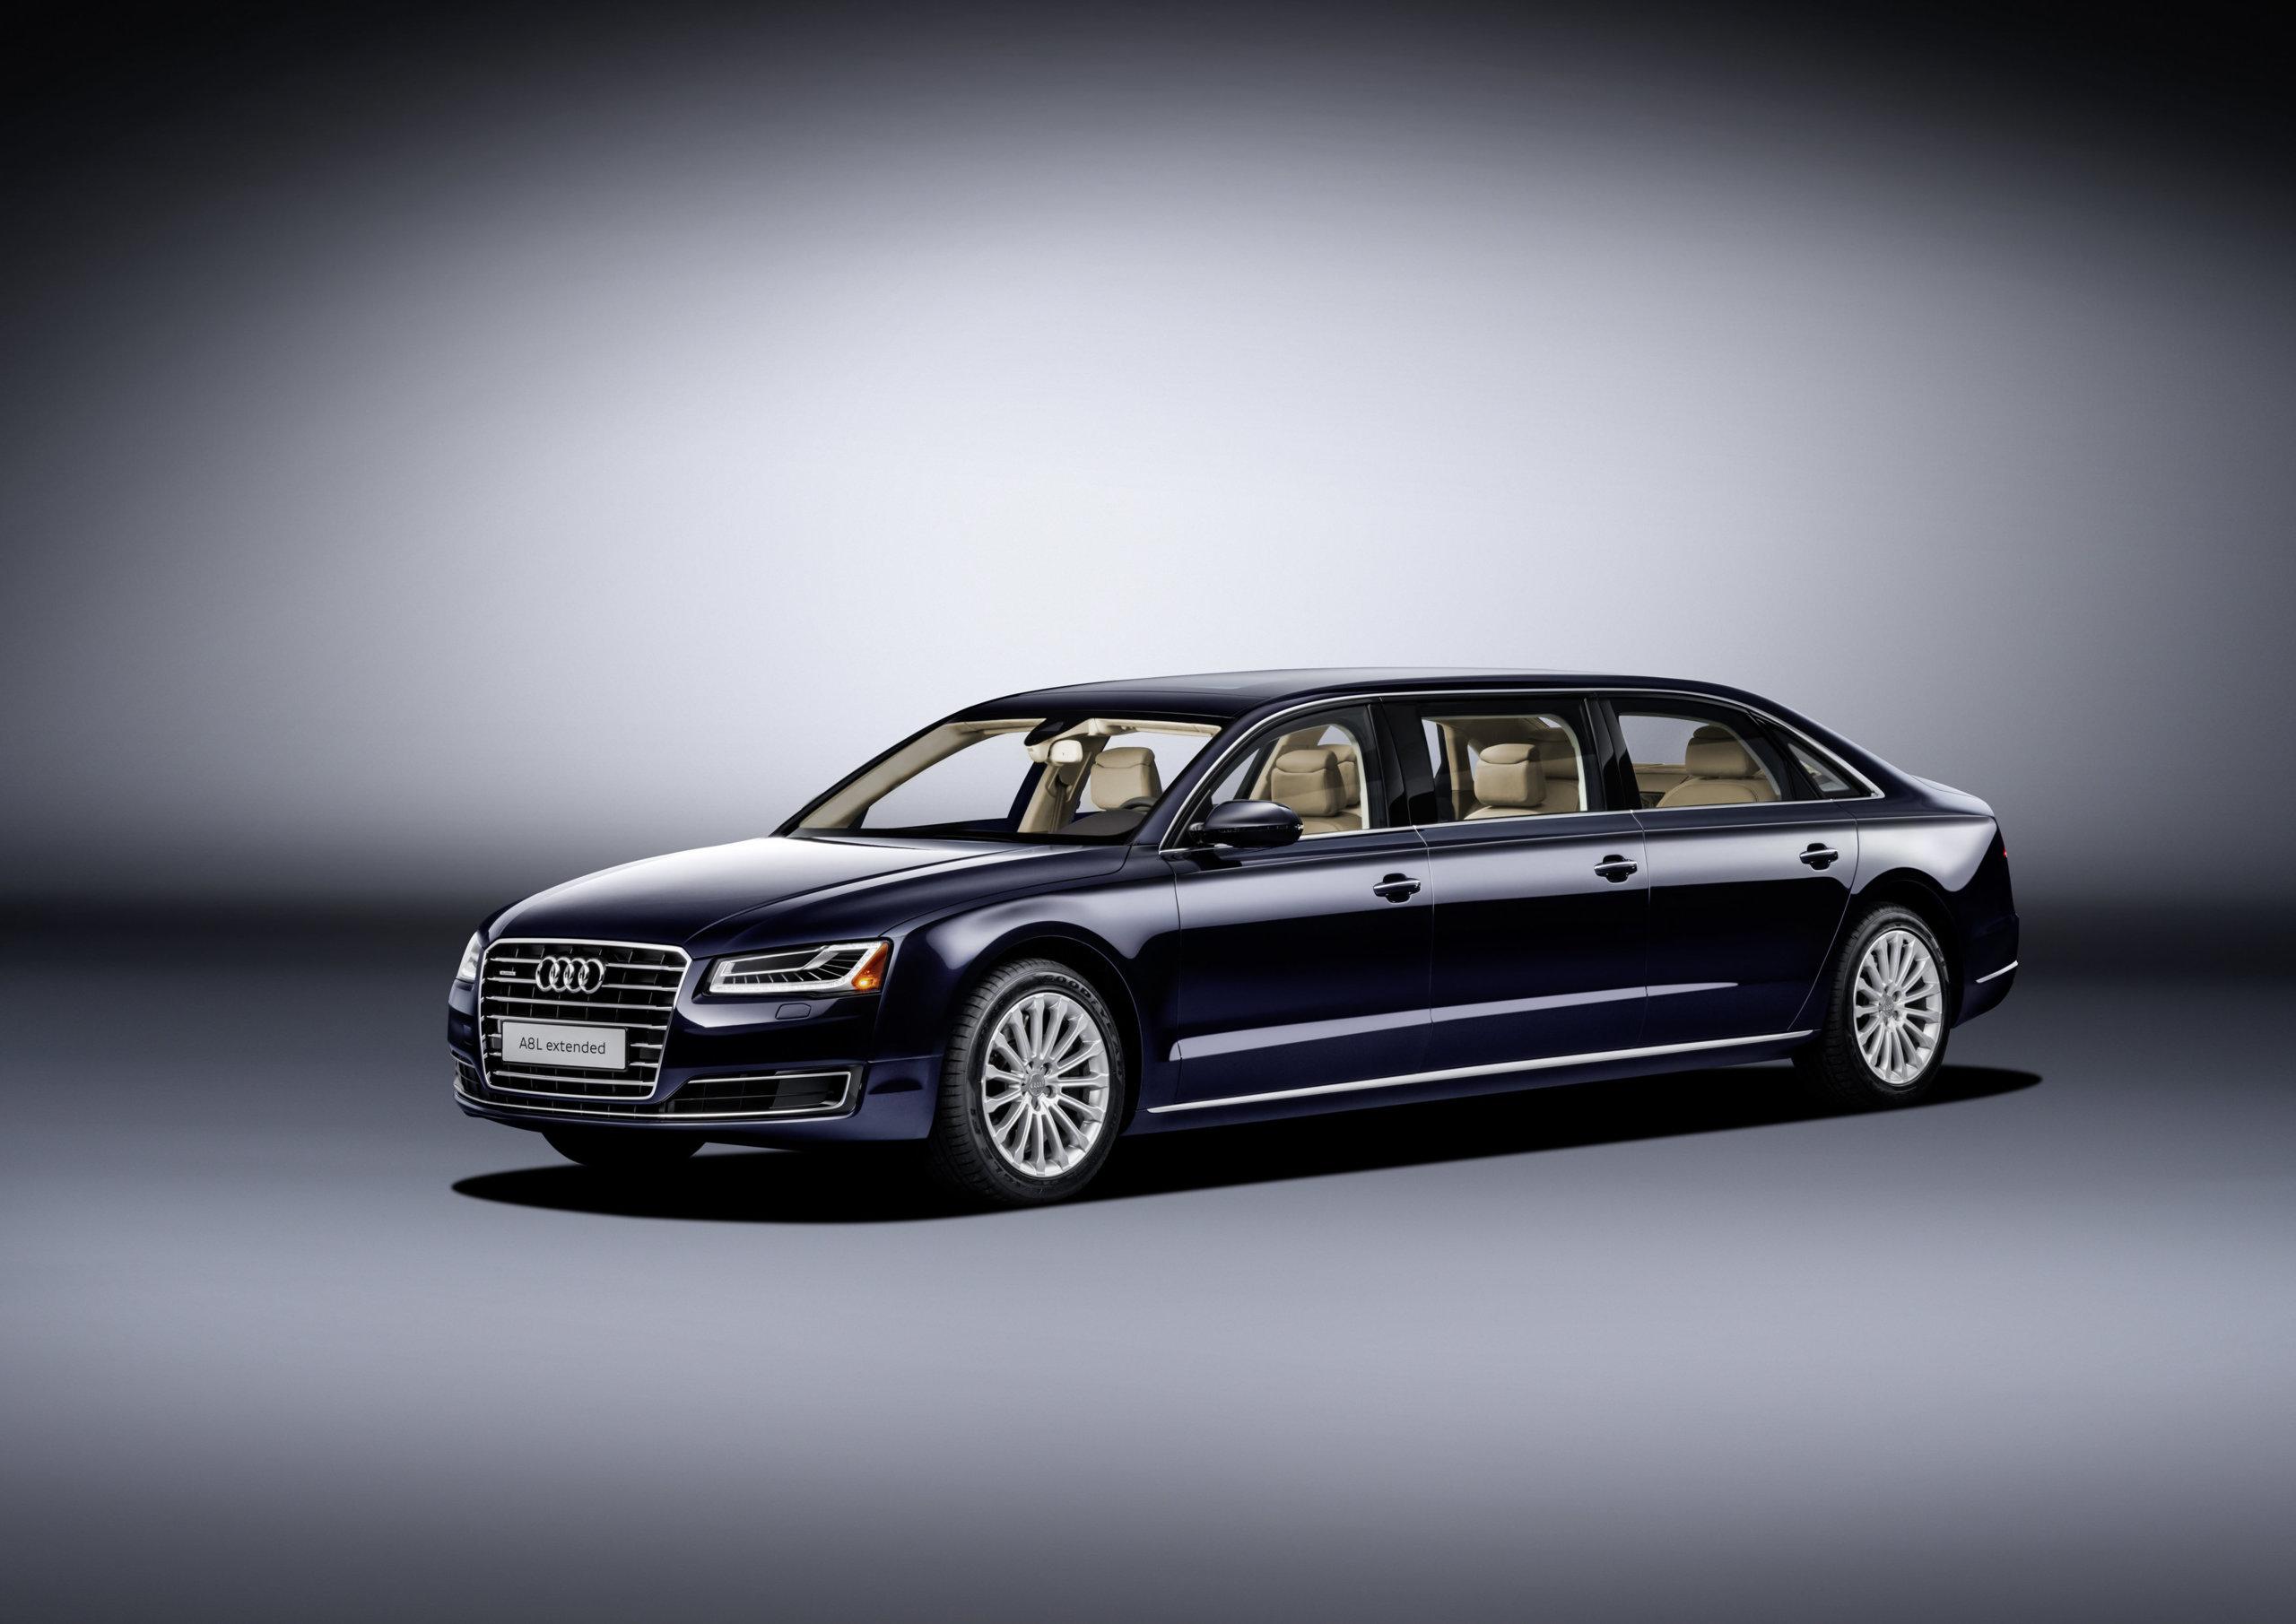 Foto de Audi A8 L extended (3/12)